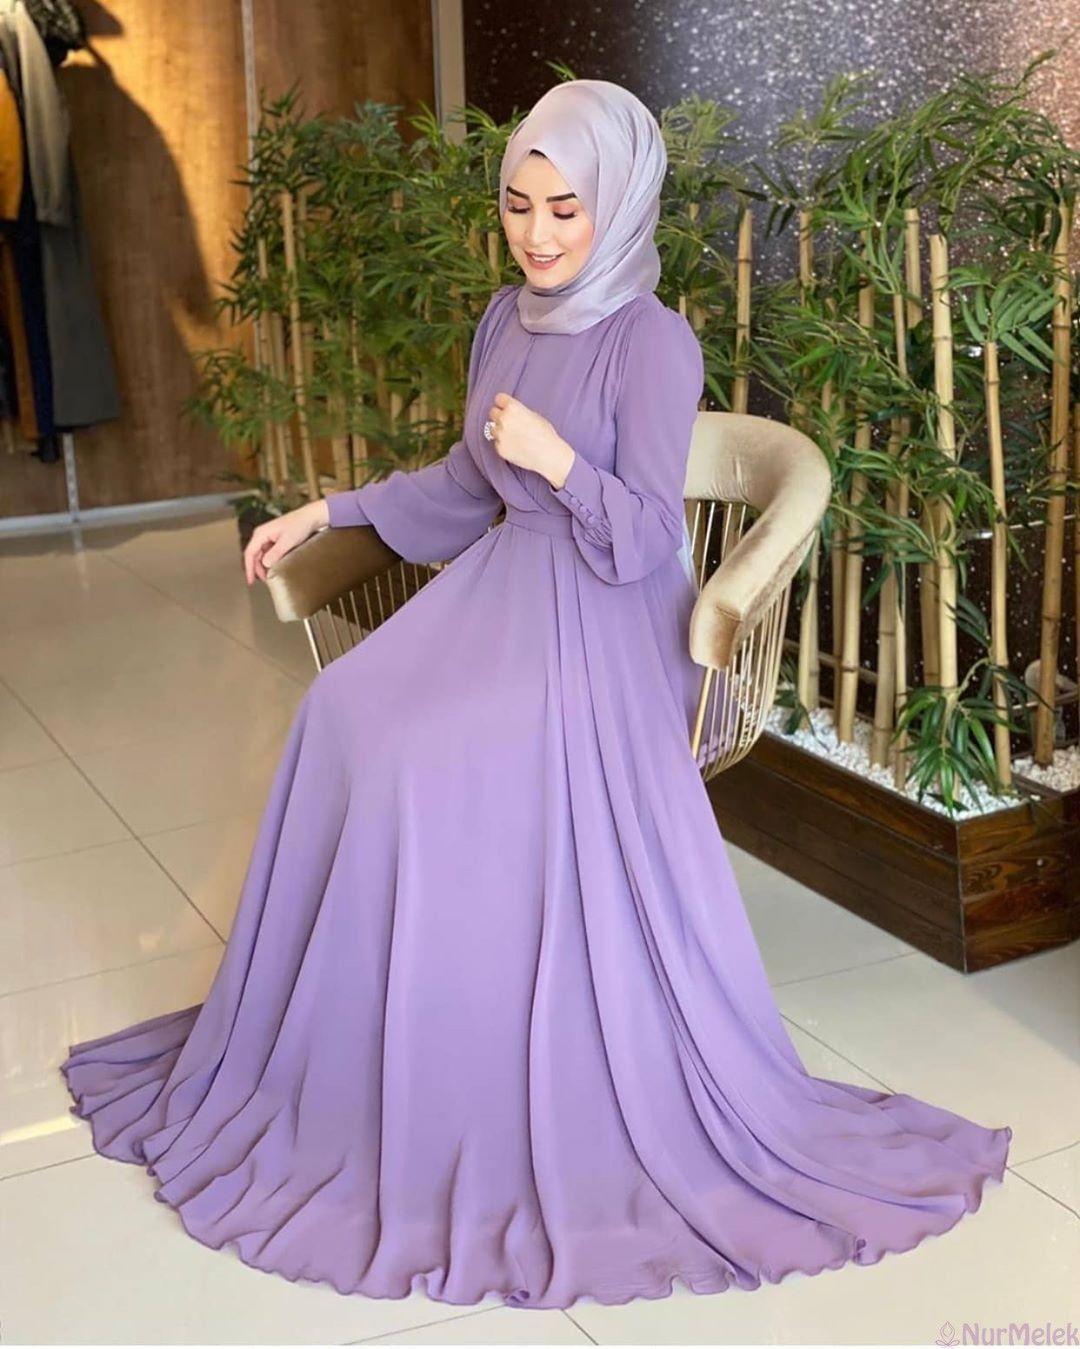 Kayinvalideler Icin Dugunluk Tesettur Elbise Modelleri 2020 Elbise Modelleri Elbise Islami Giyim